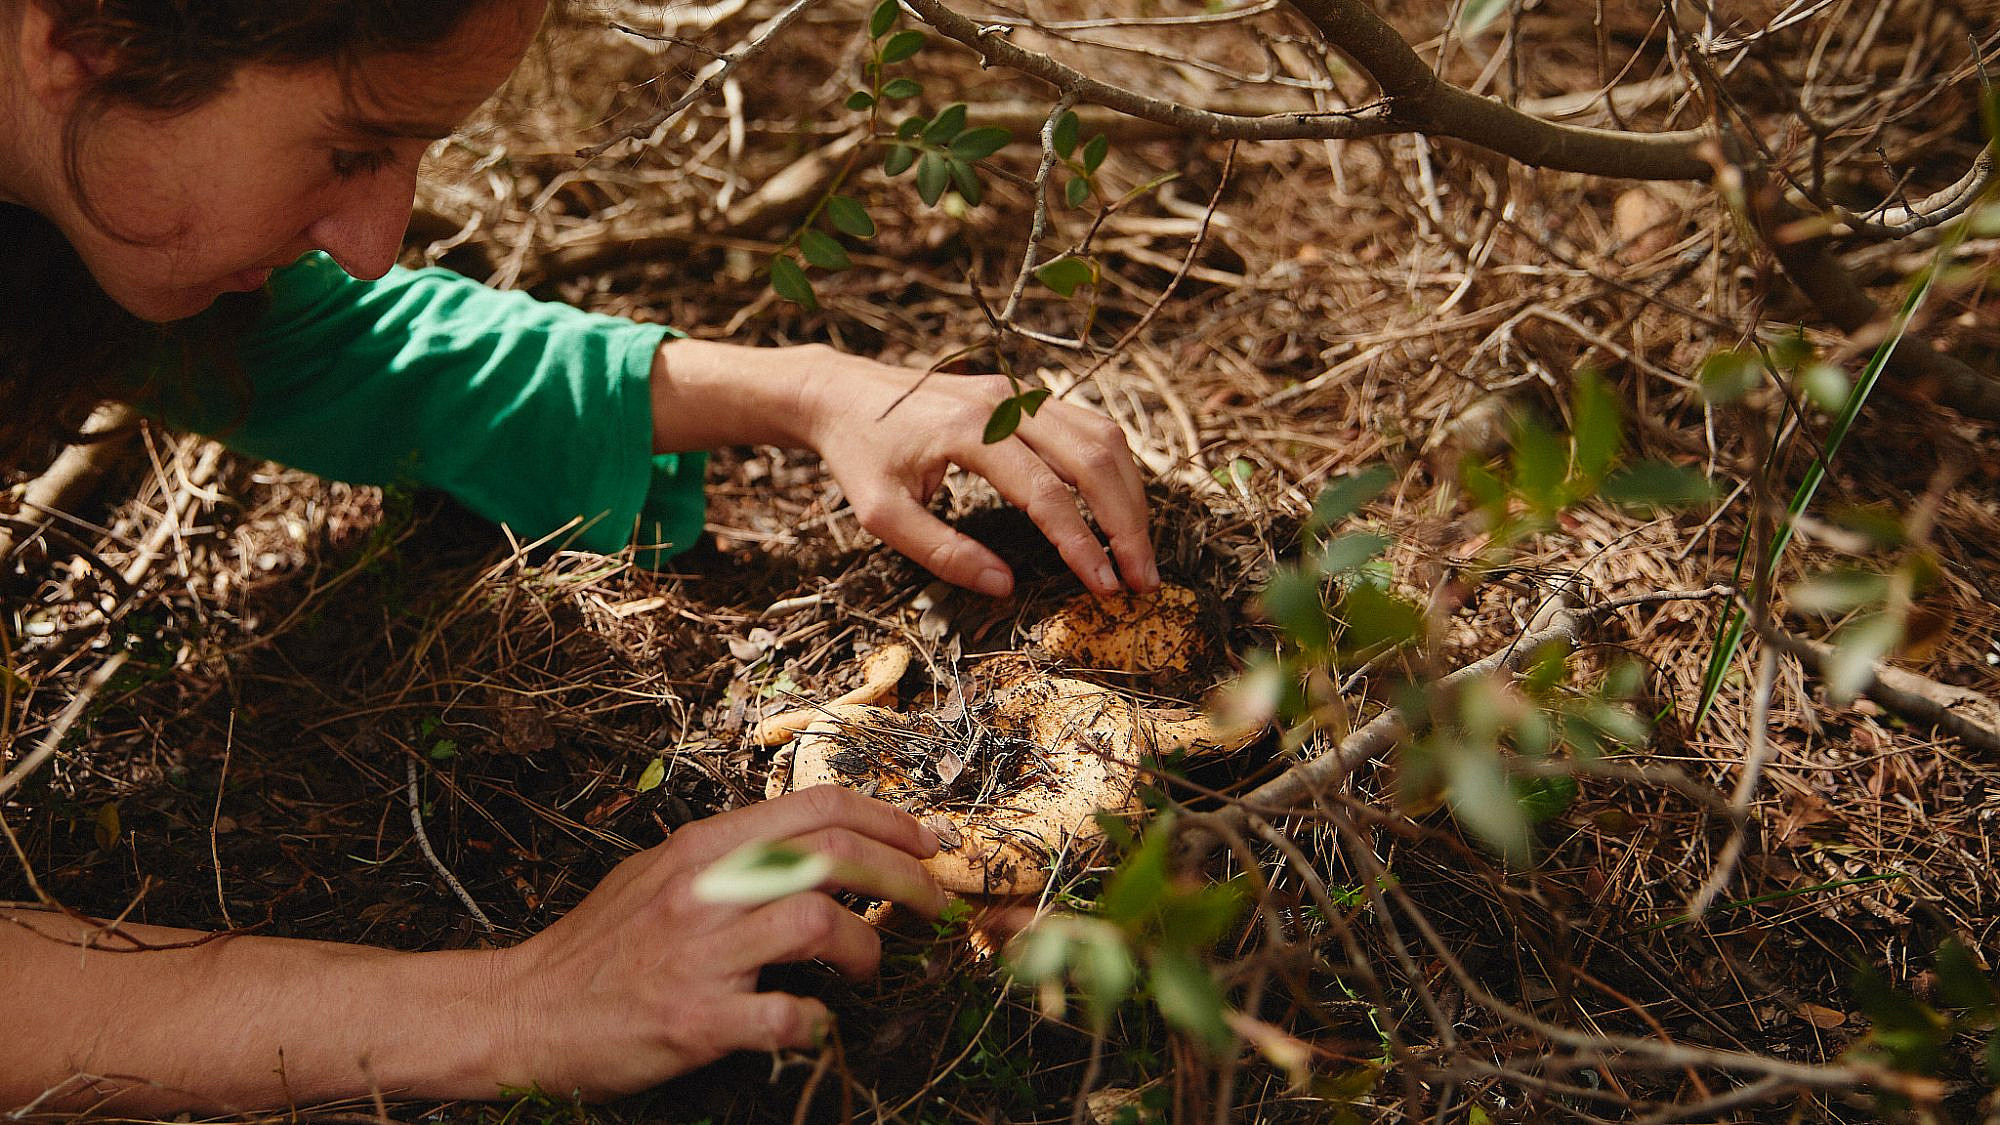 מיא גינזבורג מגלה פטרייה ביער באזור משגב (צילום: מתן כץ)